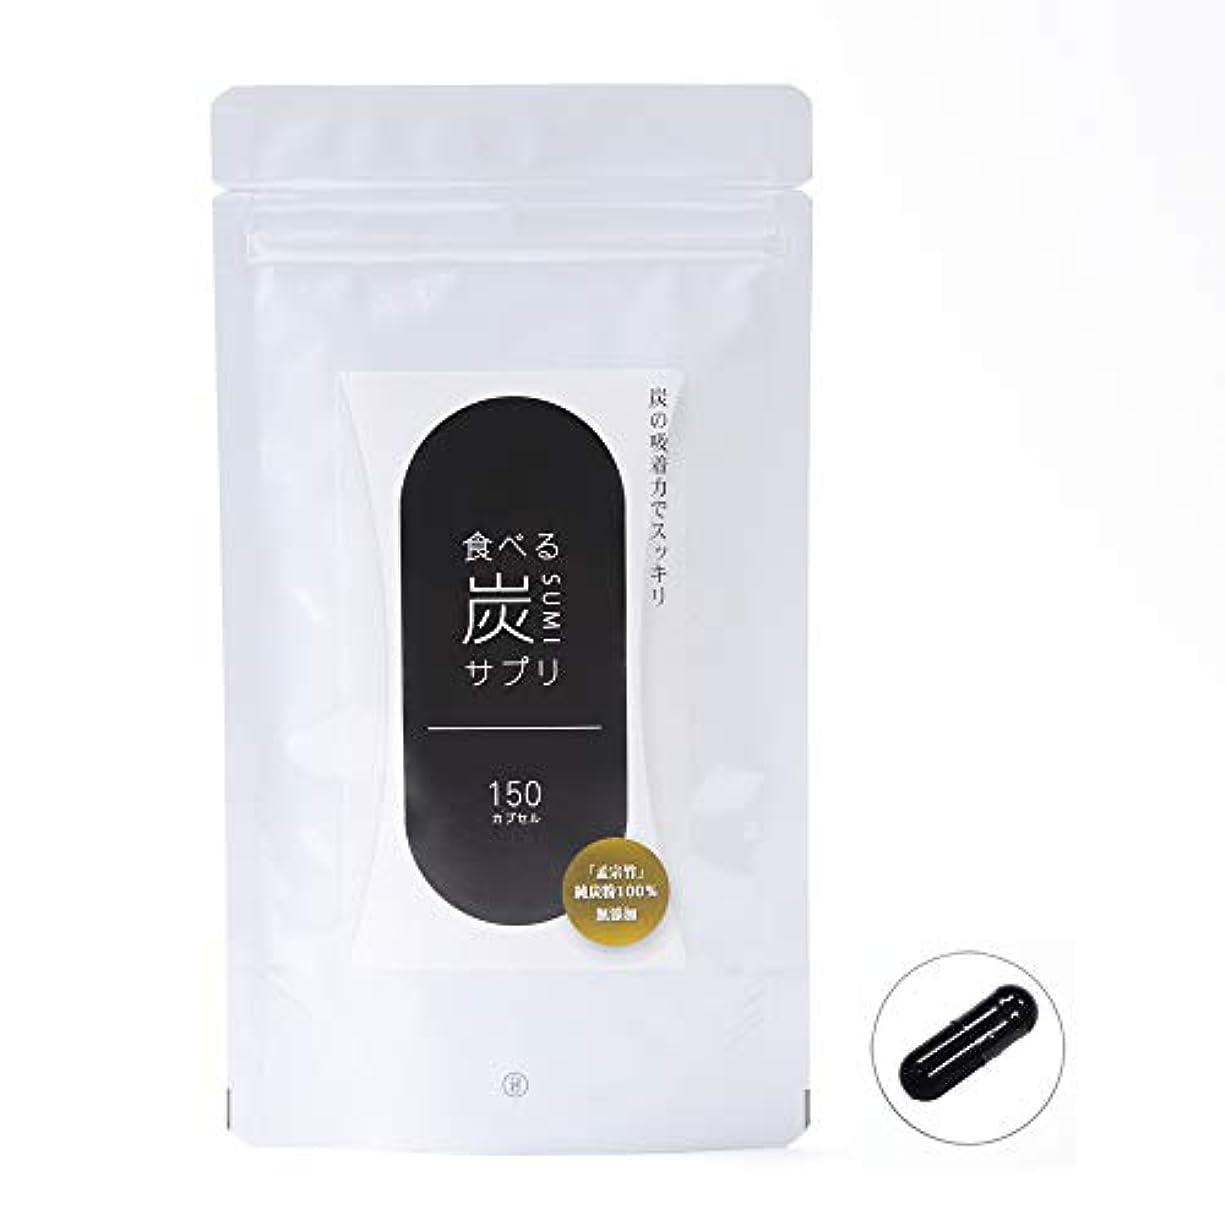 かすれたバンジョー義務的炭ダイエット サプリ 食べる炭 (SUMI) サプリカプセル 150 カプセル入り 国産 竹炭粉入 炭カプセル